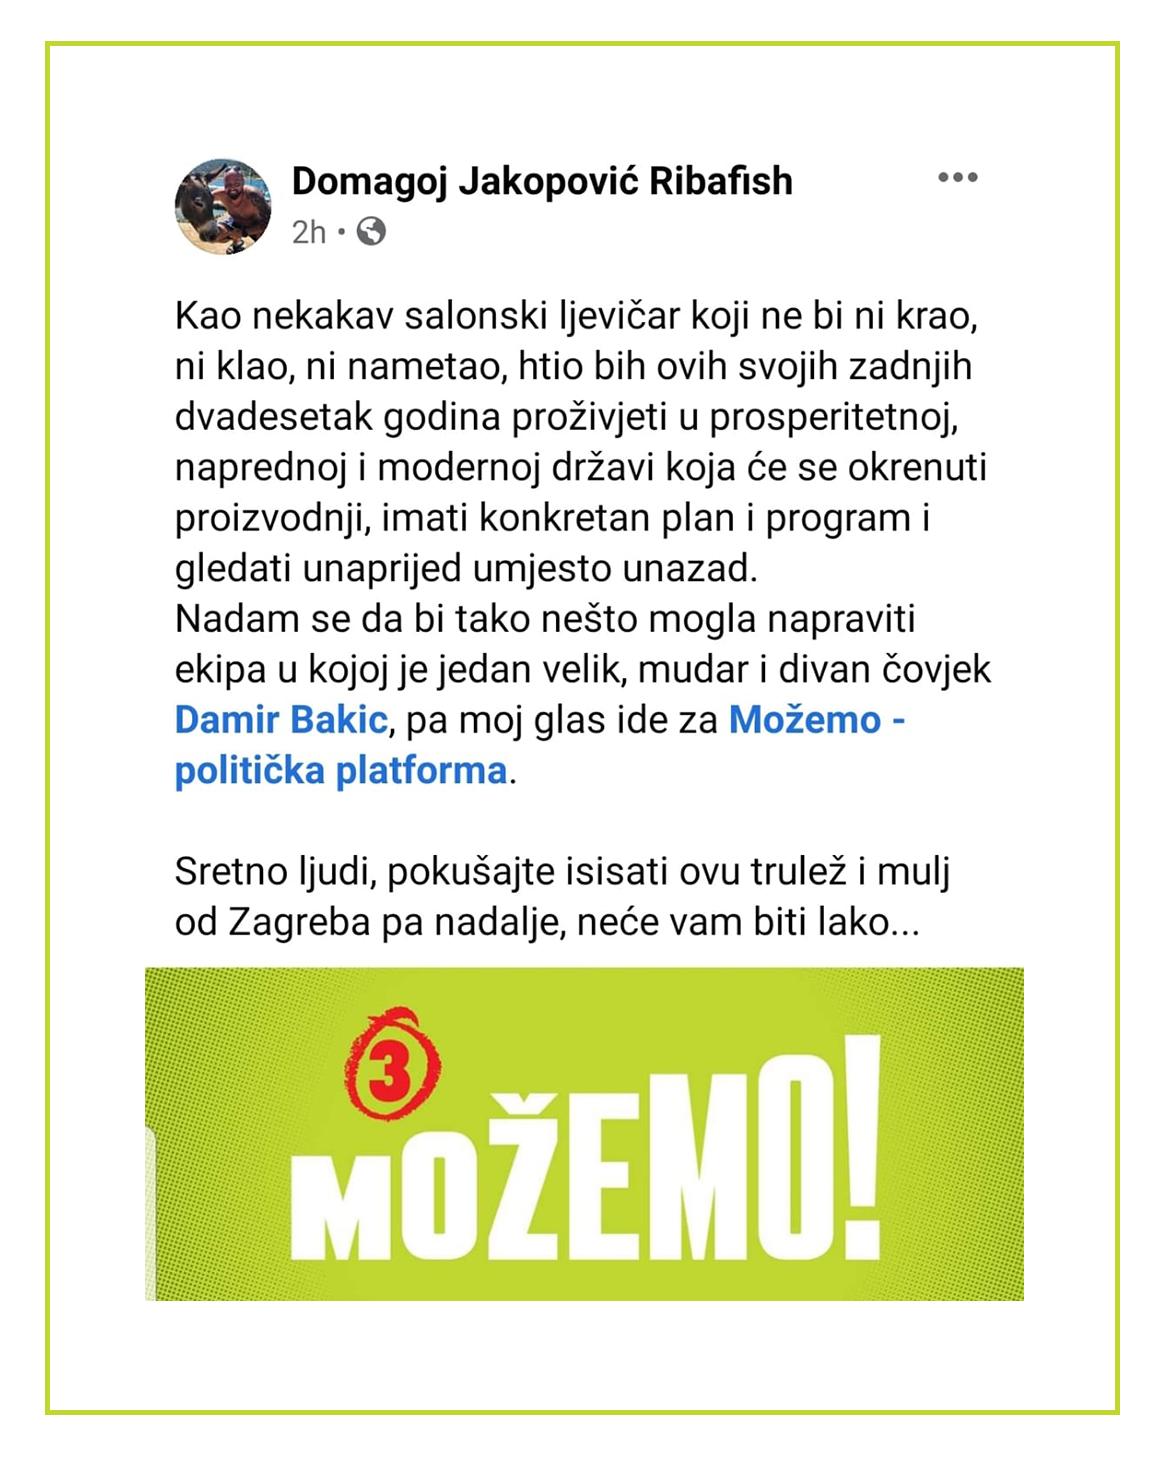 Podržava nas i poznati bloger i novinar Domagoj Jakopović Ribafish! :)